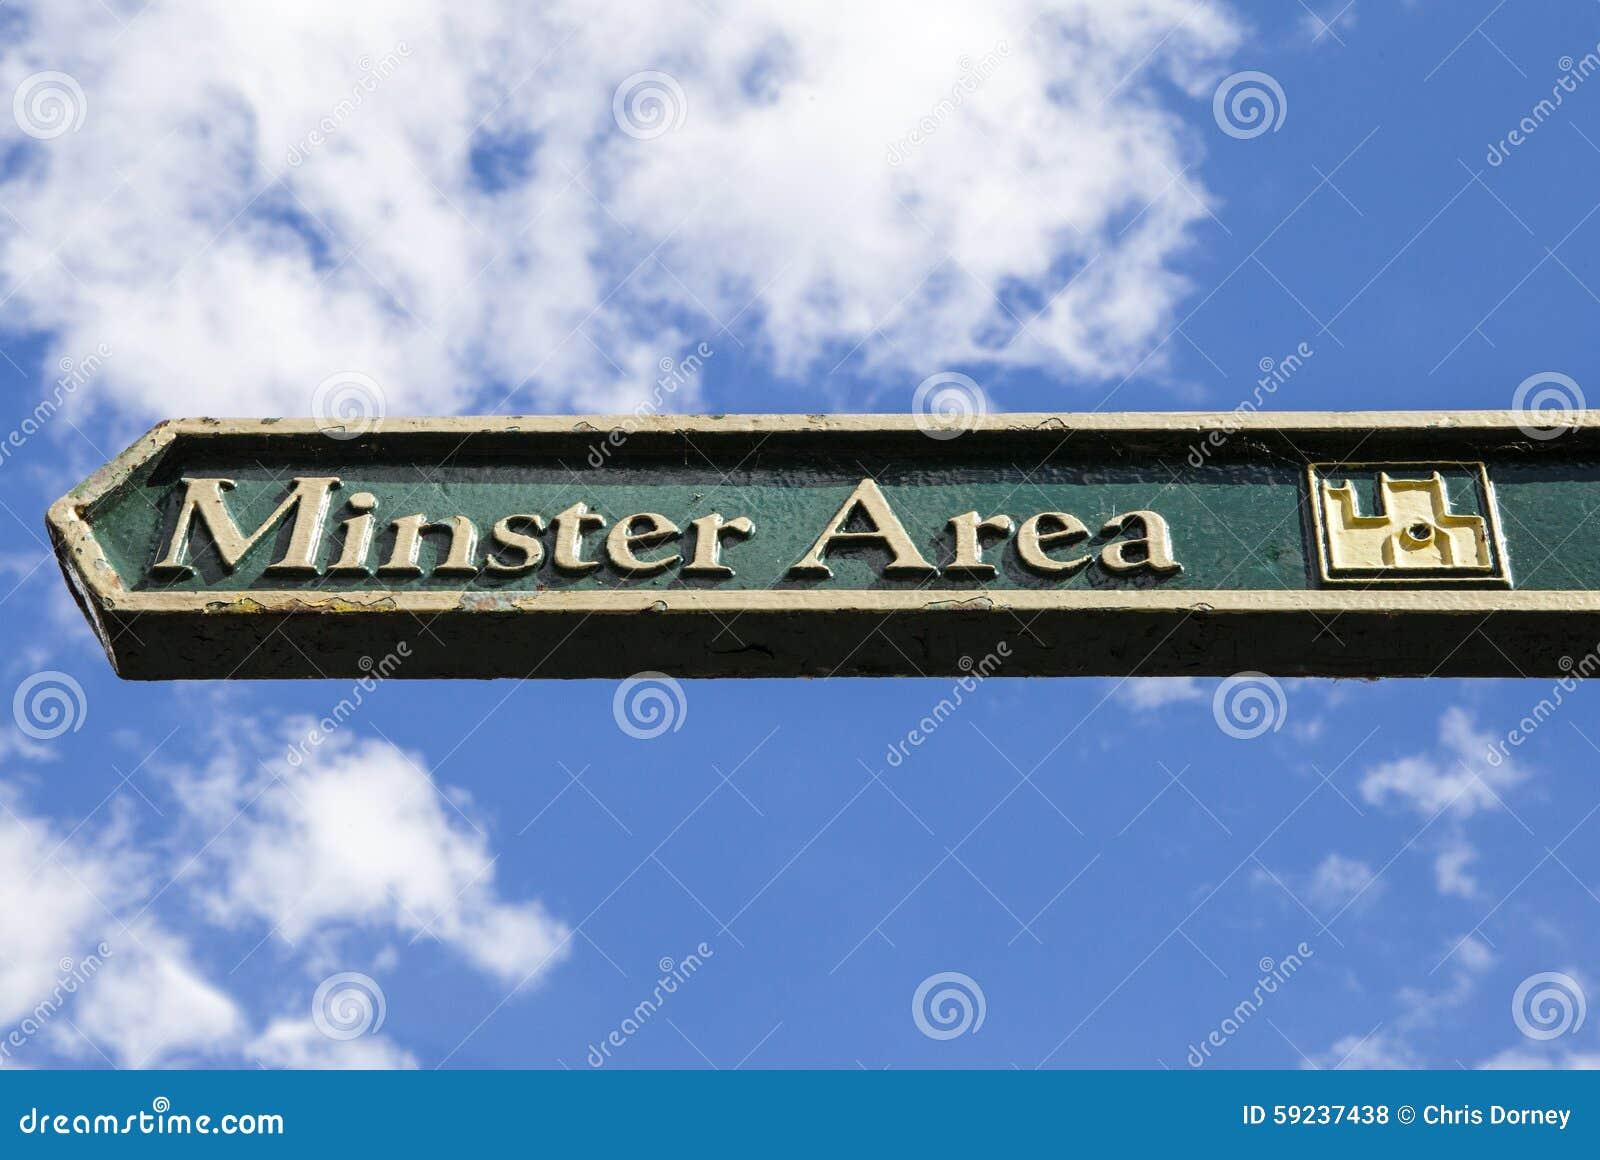 Un poste indicador para el área de la iglesia de monasterio en York